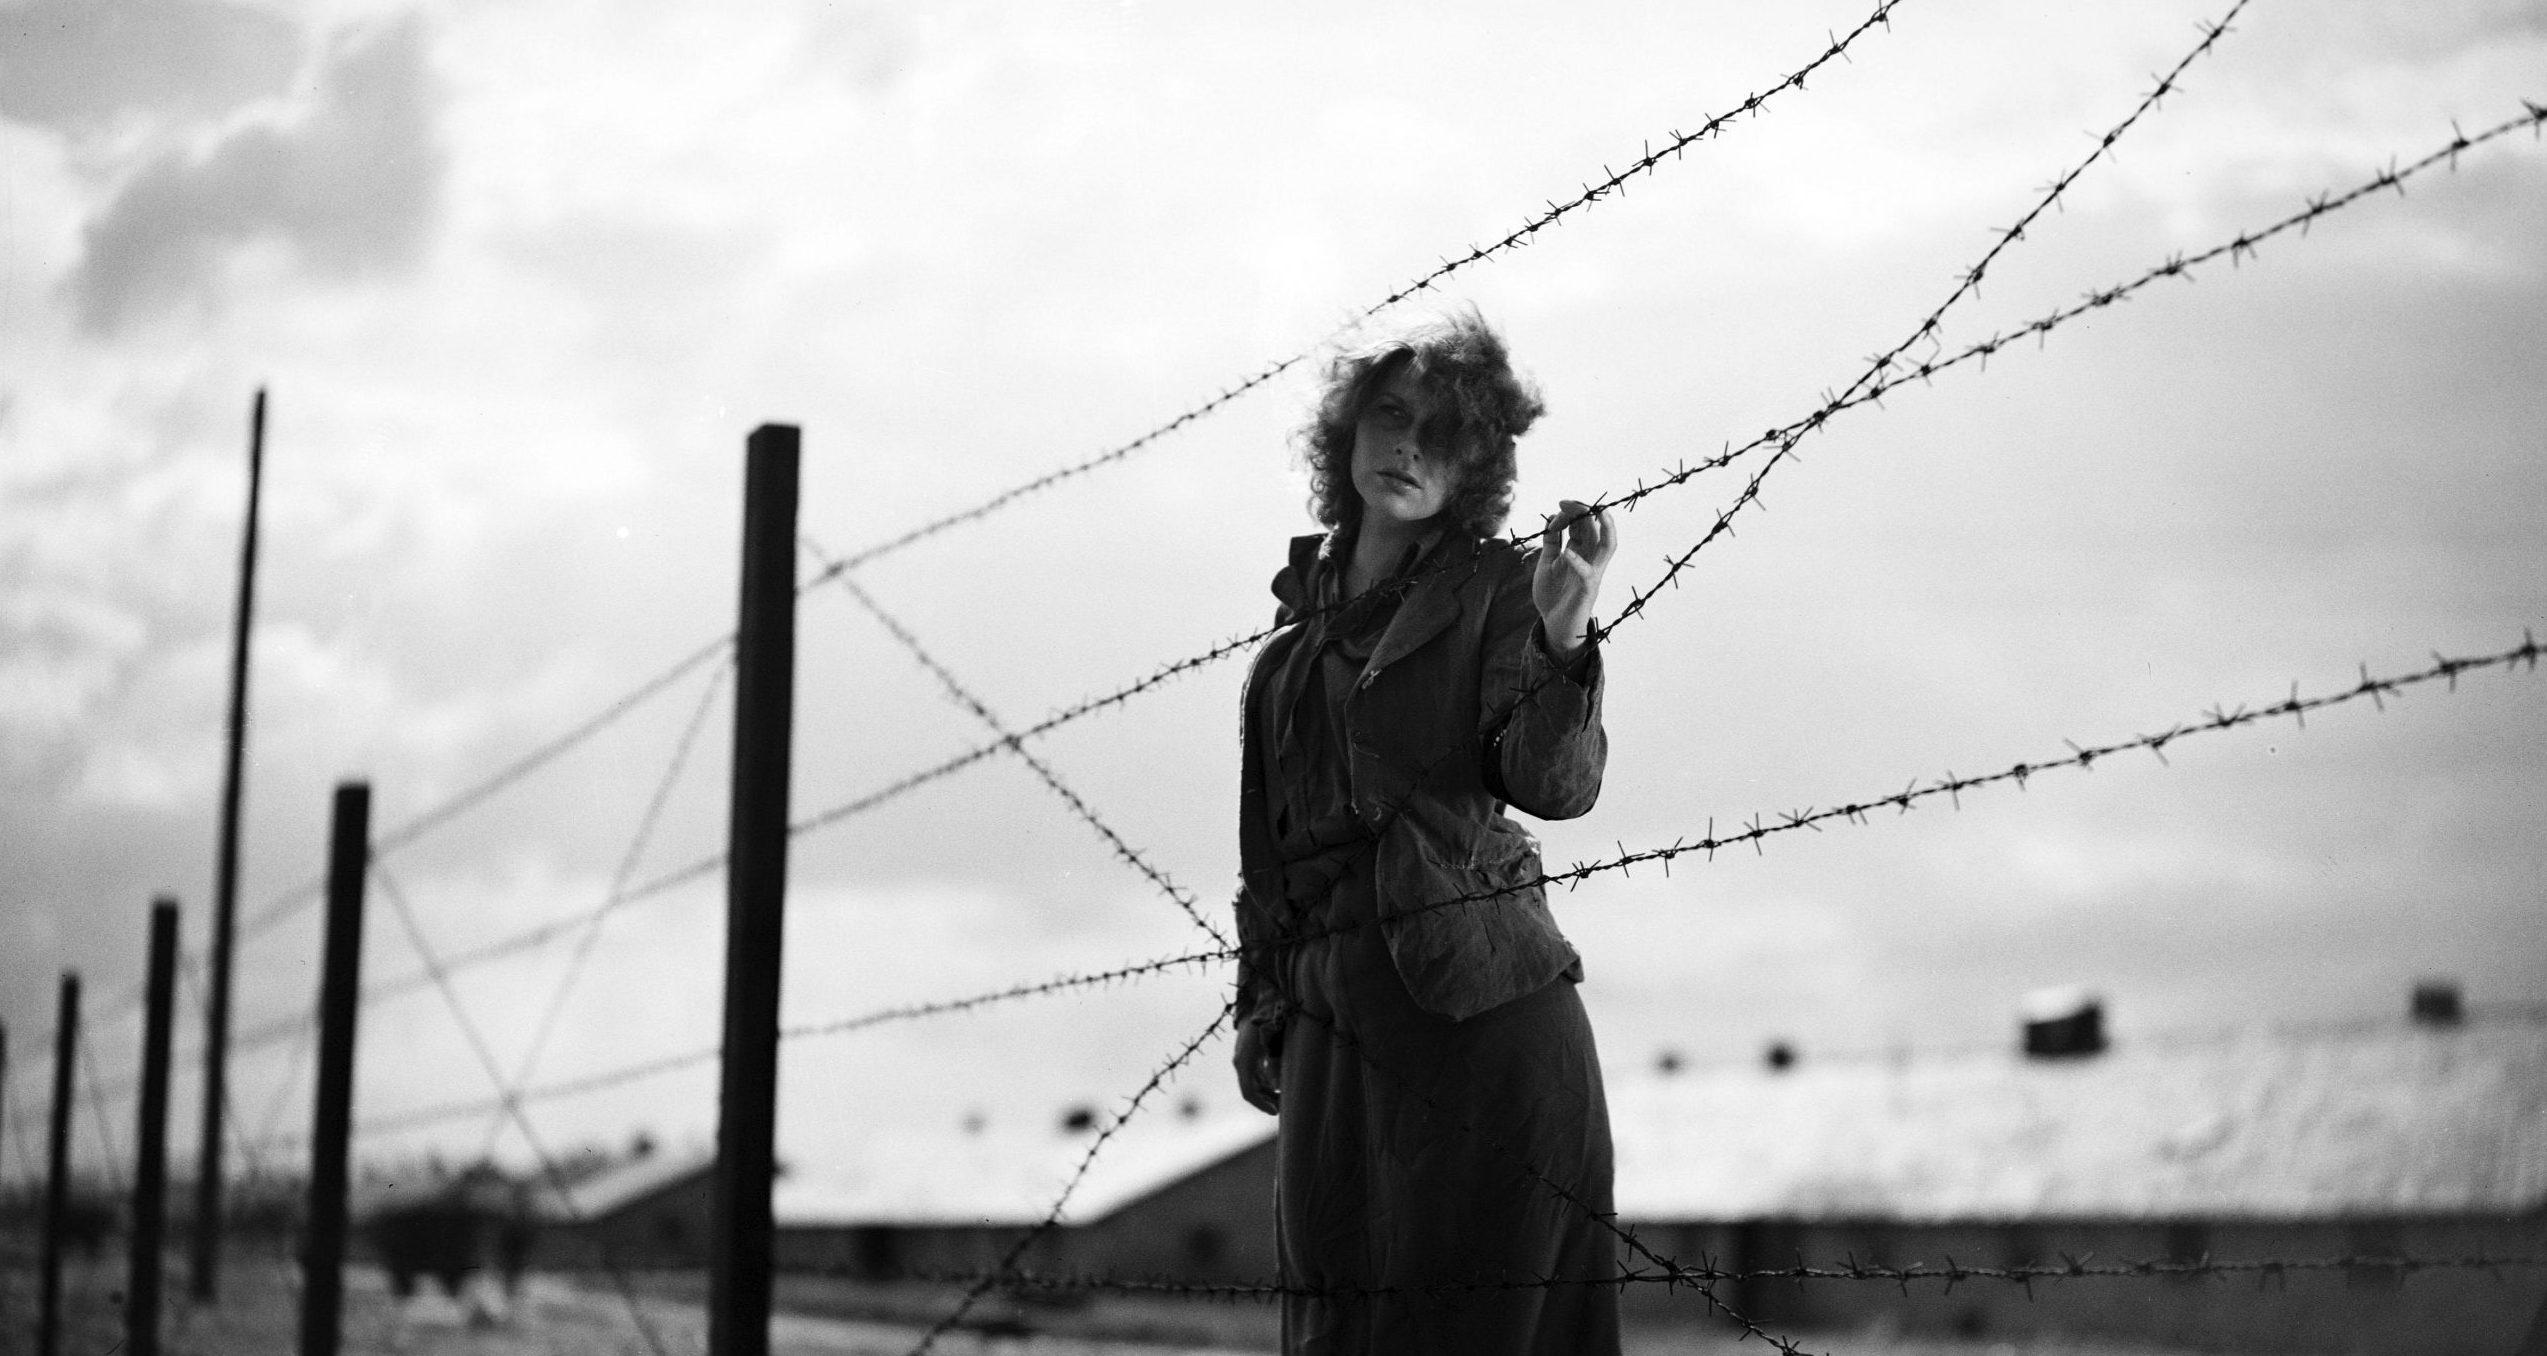 kadr z filmu Ostatni etap, kobieta w obozie koncentracyjnym dotyka drutu kolczastego